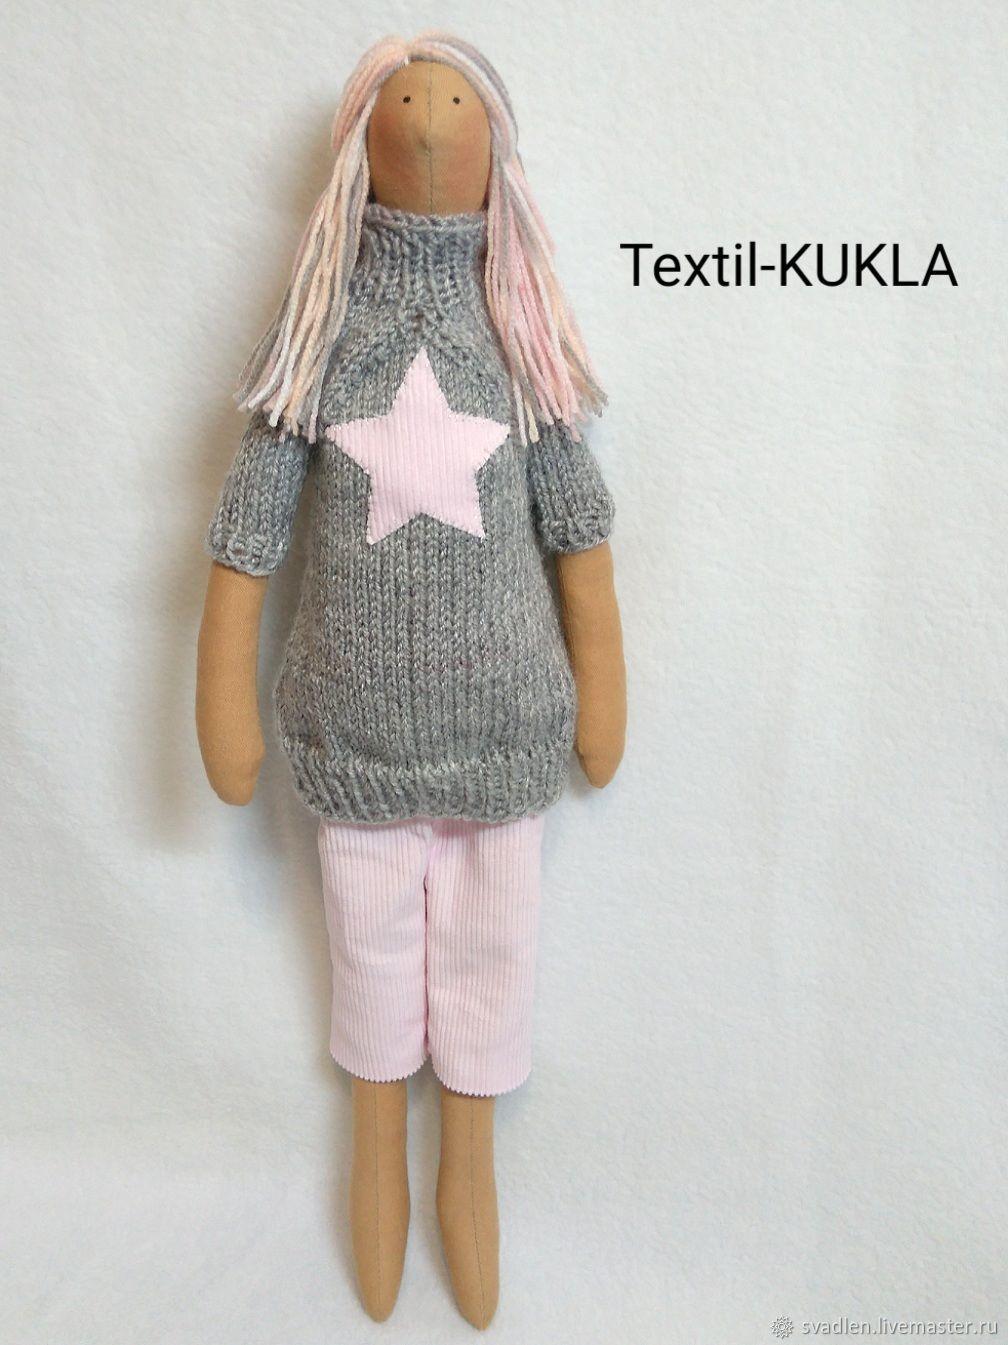 Стильная кукла тильда - розовые волосы)) - текстильные куклы, Куклы Тильда, Брянск,  Фото №1